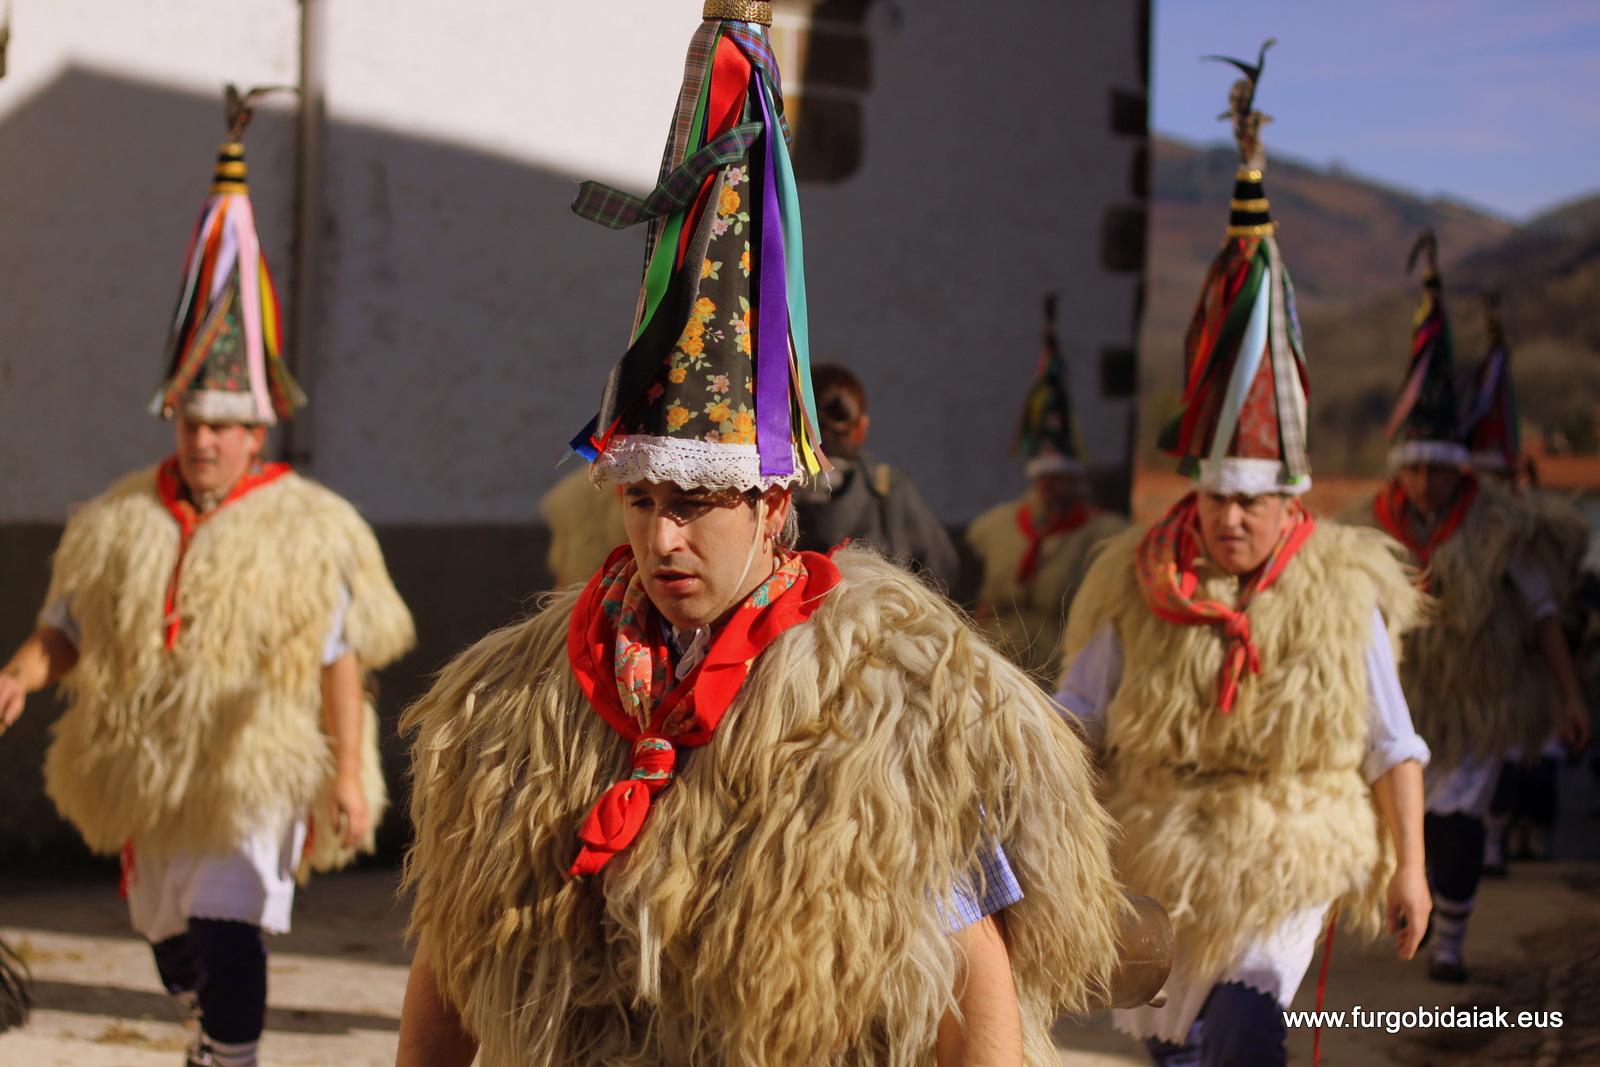 Joareak joaldunak Ituren inauteriak carnaval